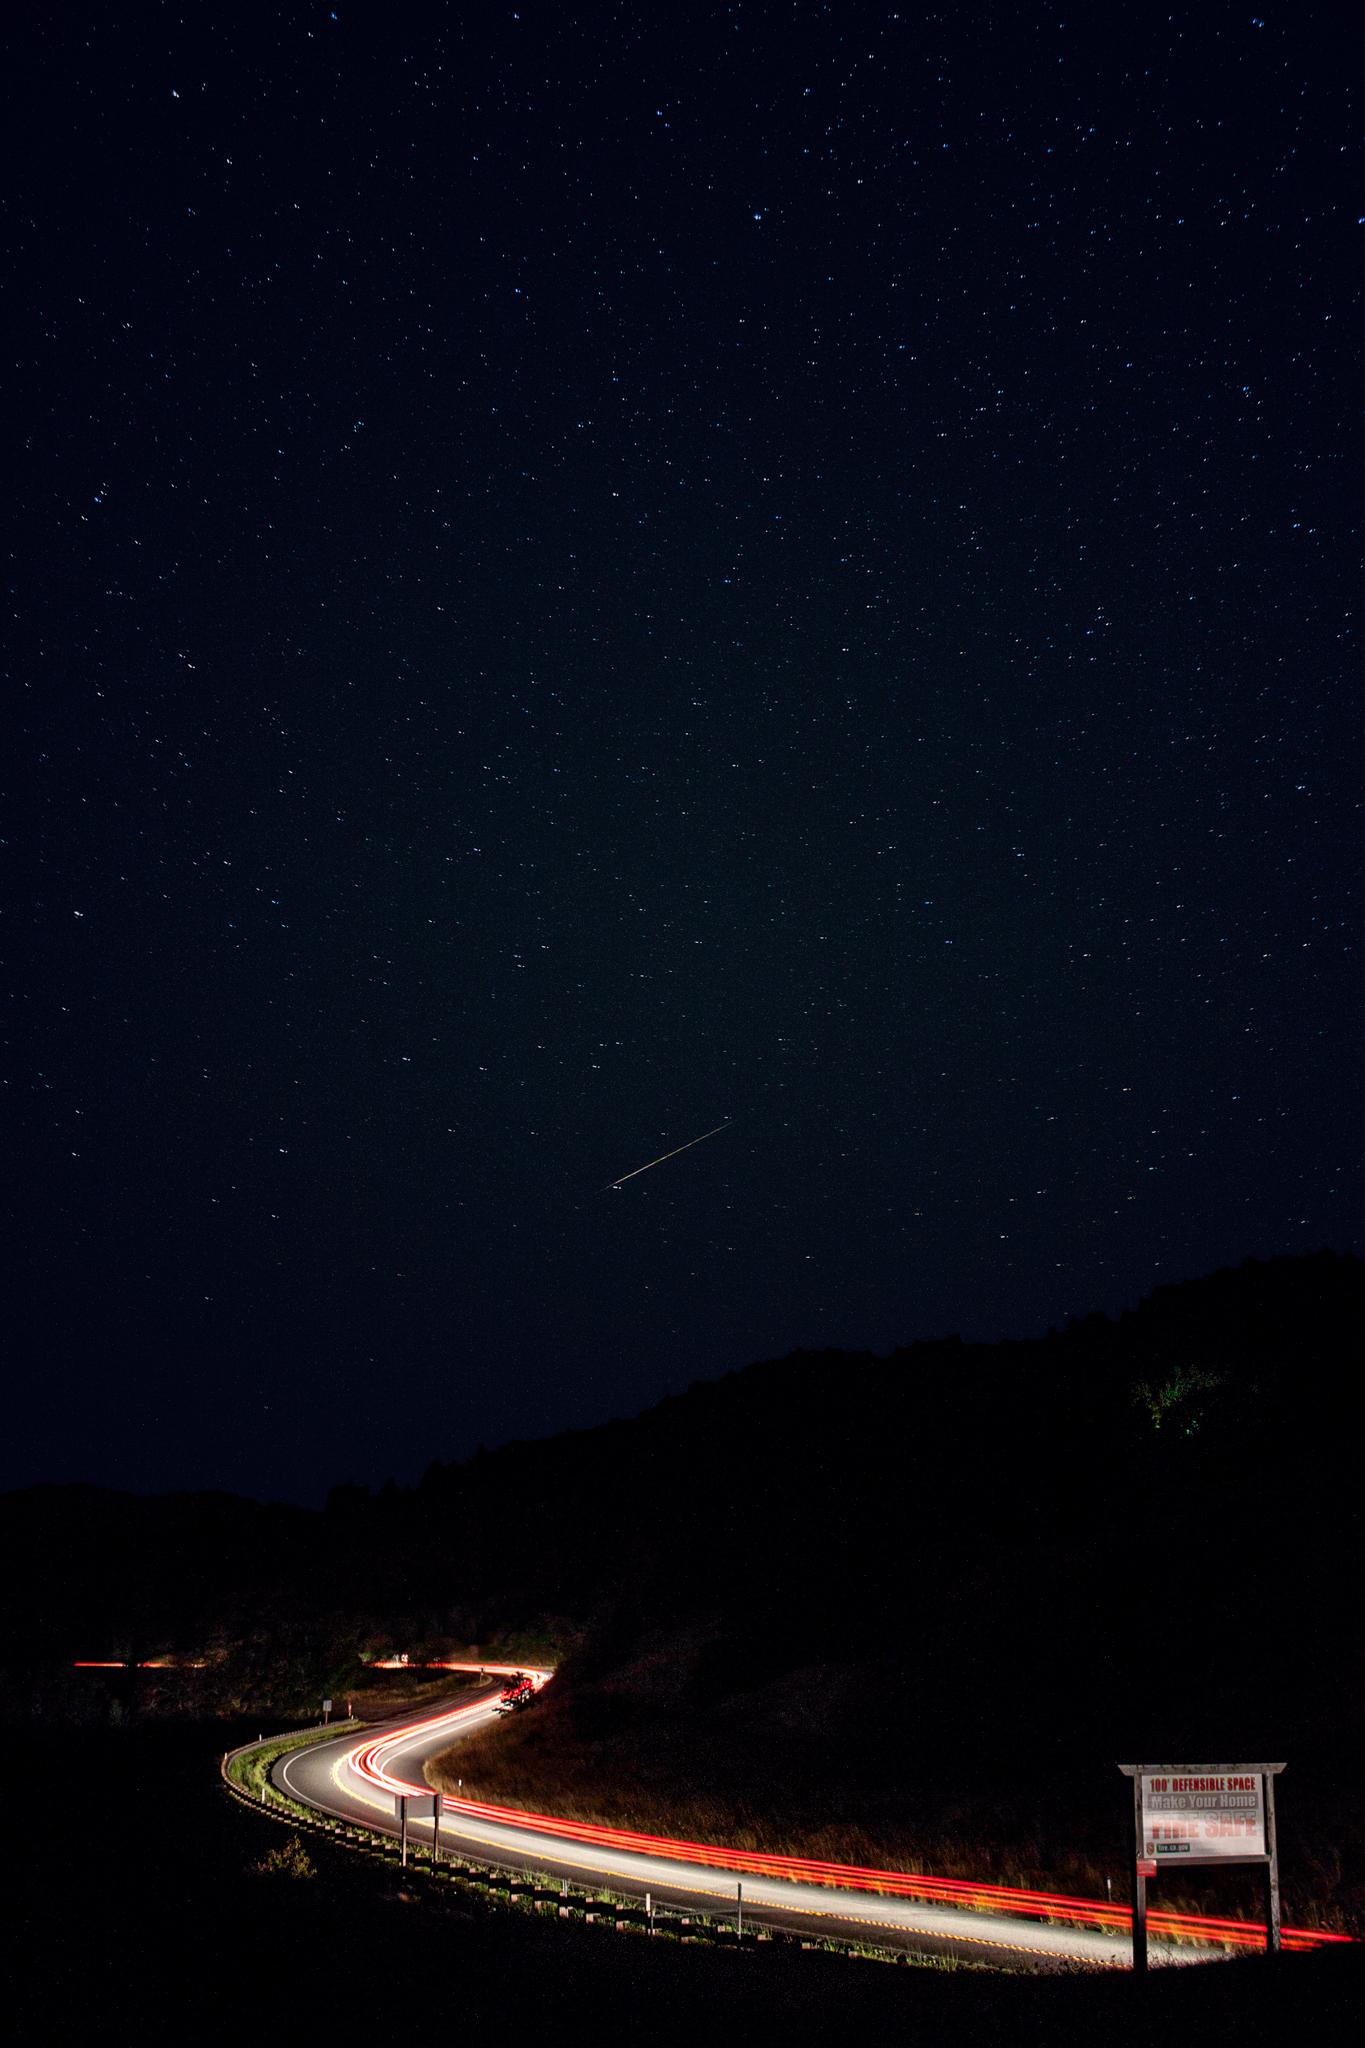 berry_summit_perseid_meteor_5820-2.jpg